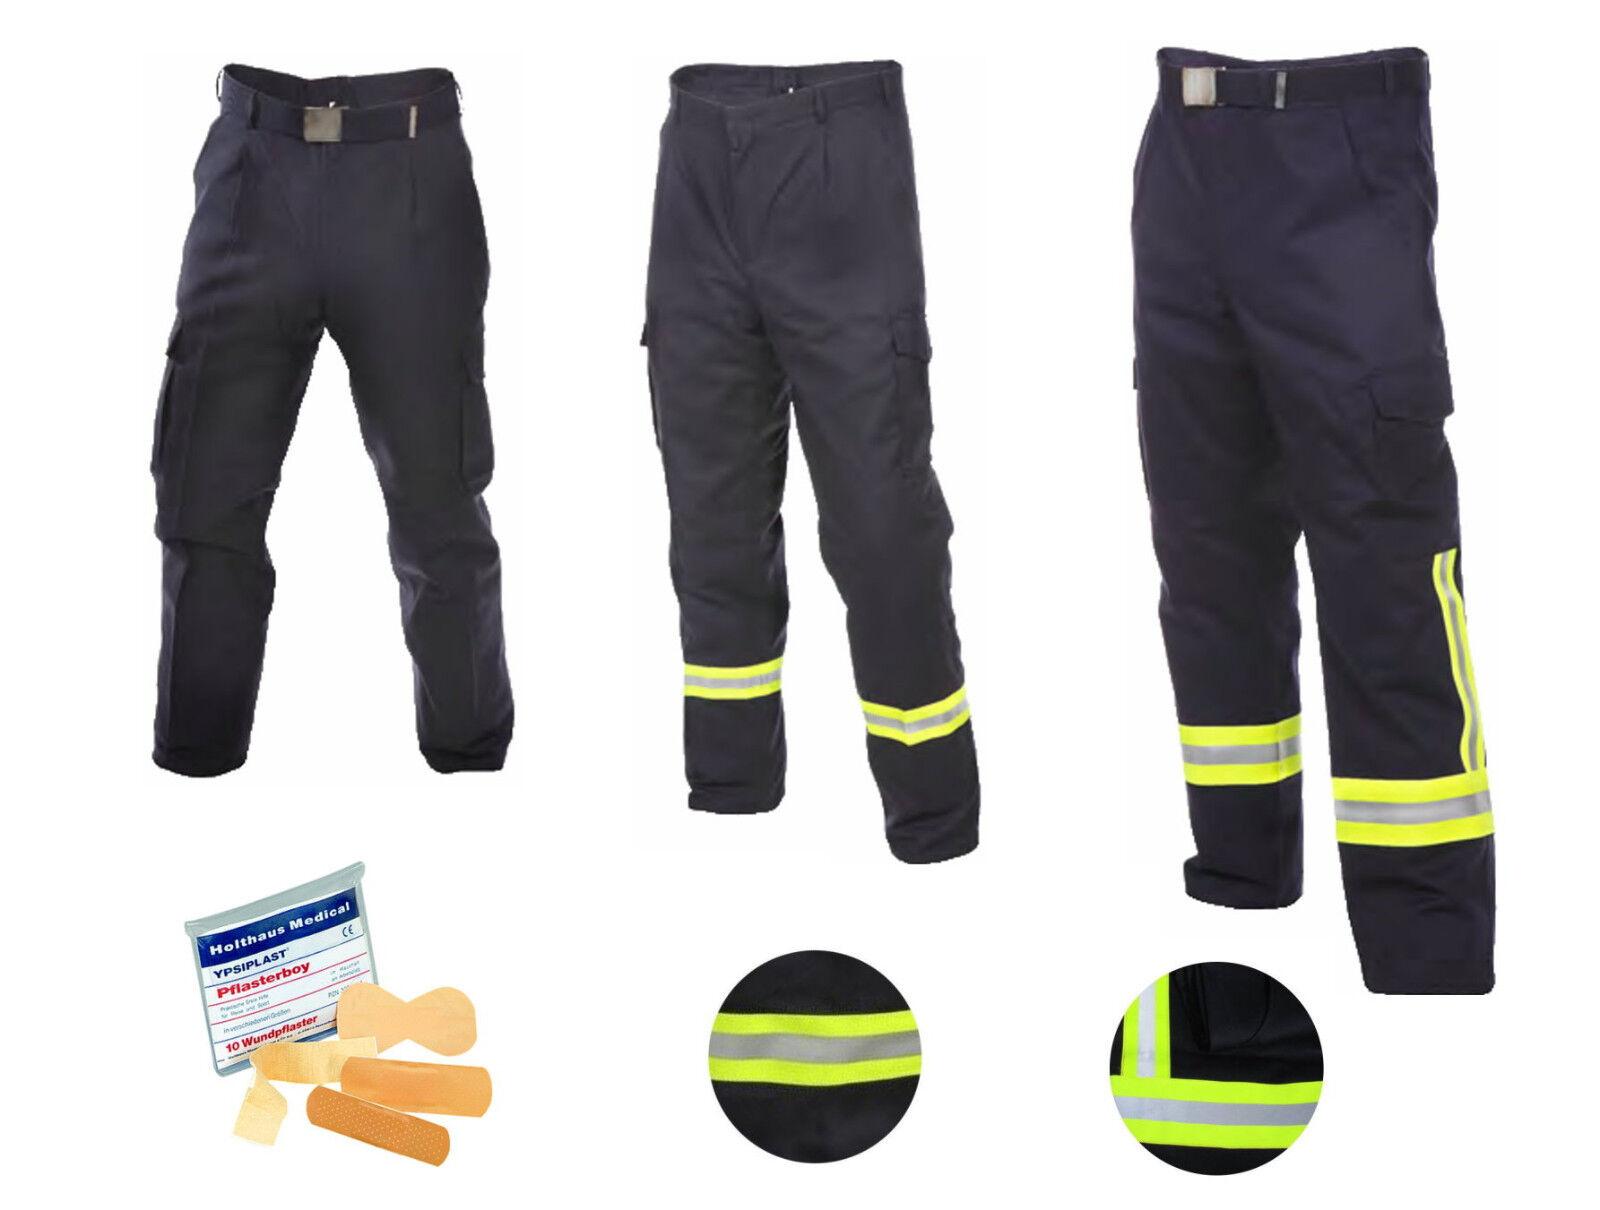 Feuerwehrhose HuPF Teil 2 (Feuerwehr-Einsatz-Bundhose mit/o. Reflex w. Überhose)